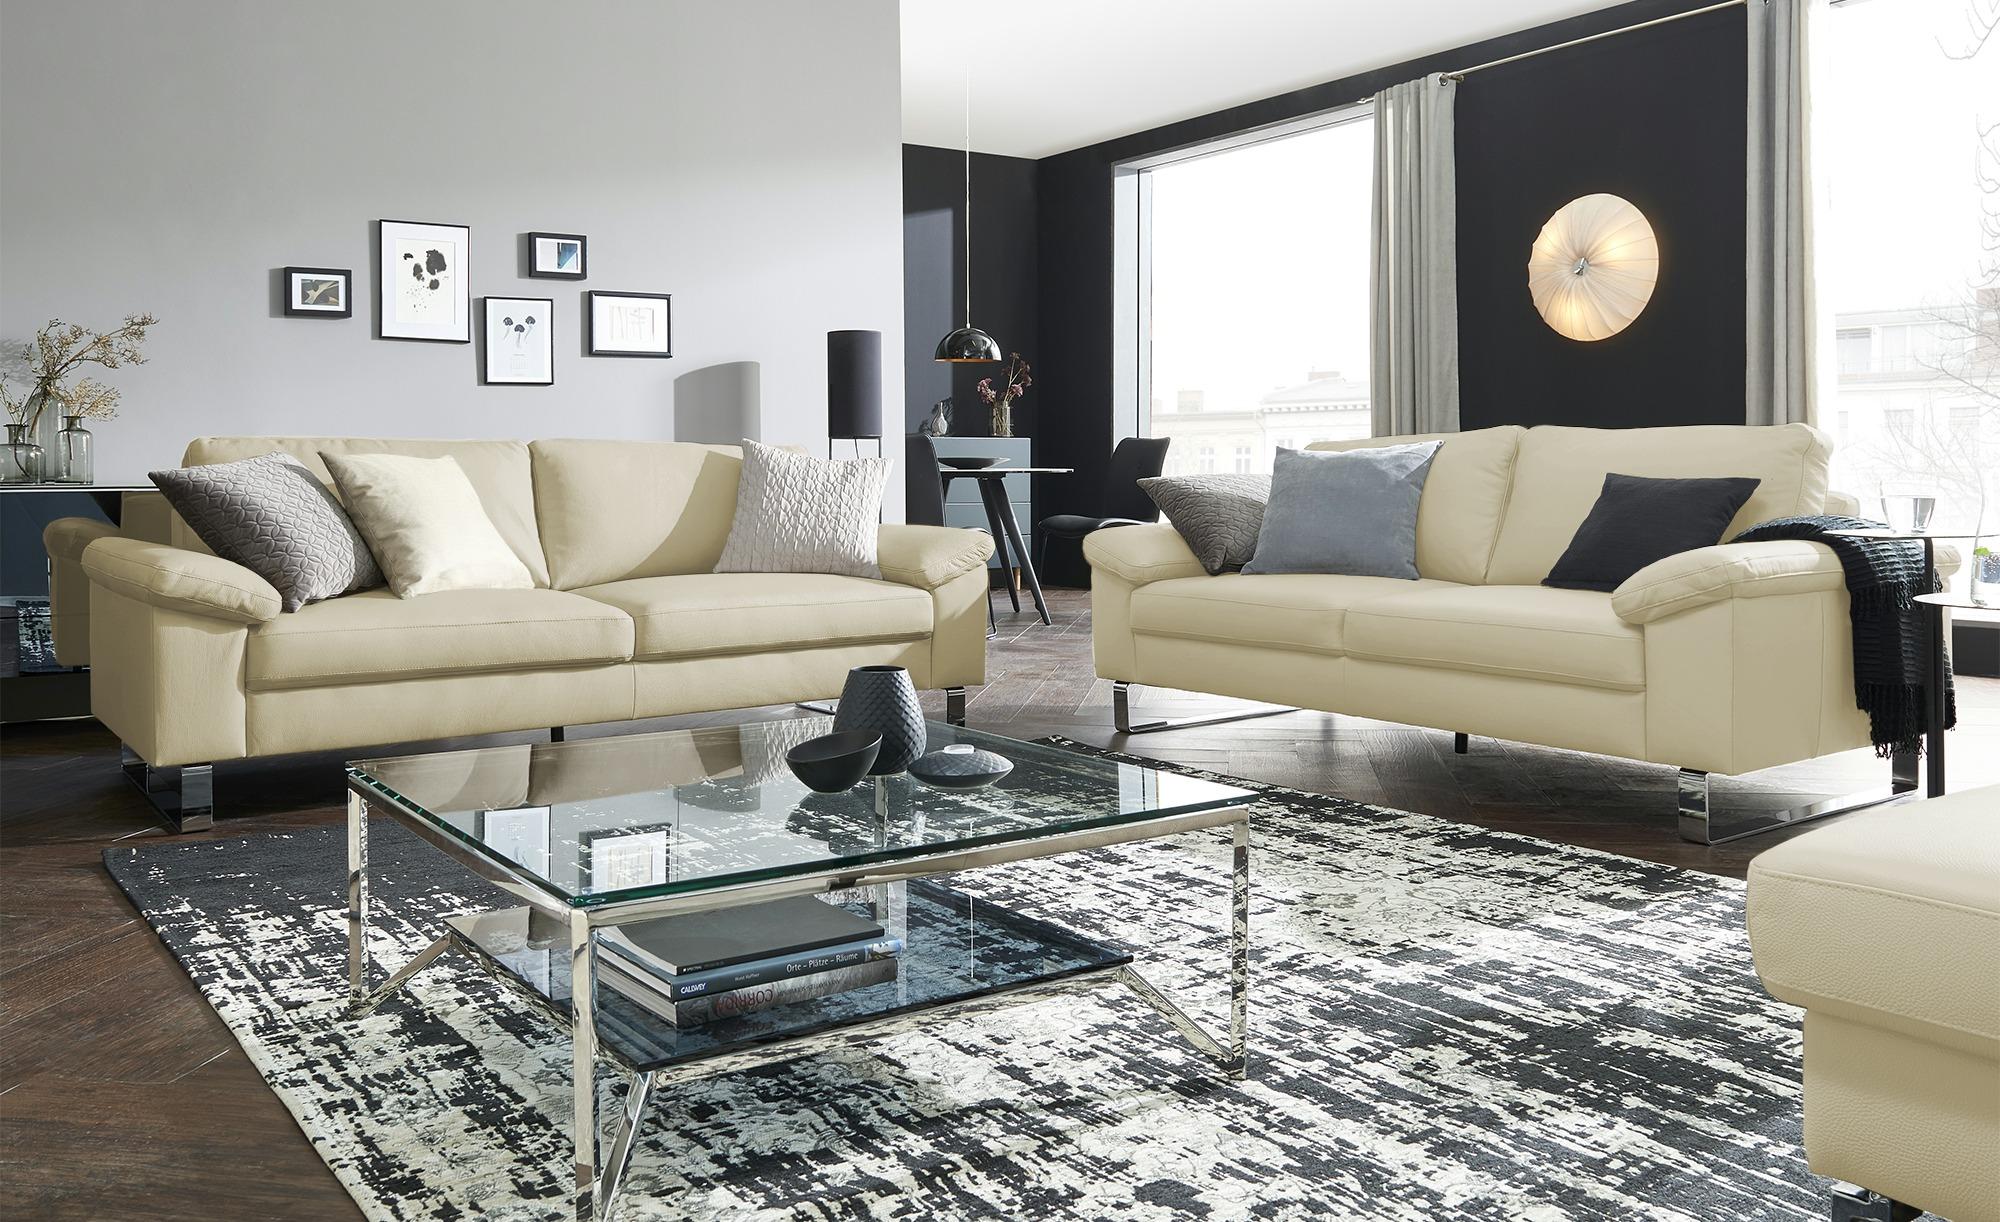 Max Schelling Ledersofa  Maximum ¦ beige ¦ Maße (cm): B: 184 H: 86 T: 97 Polstermöbel > Sofas > 2-Sitzer - Höffner